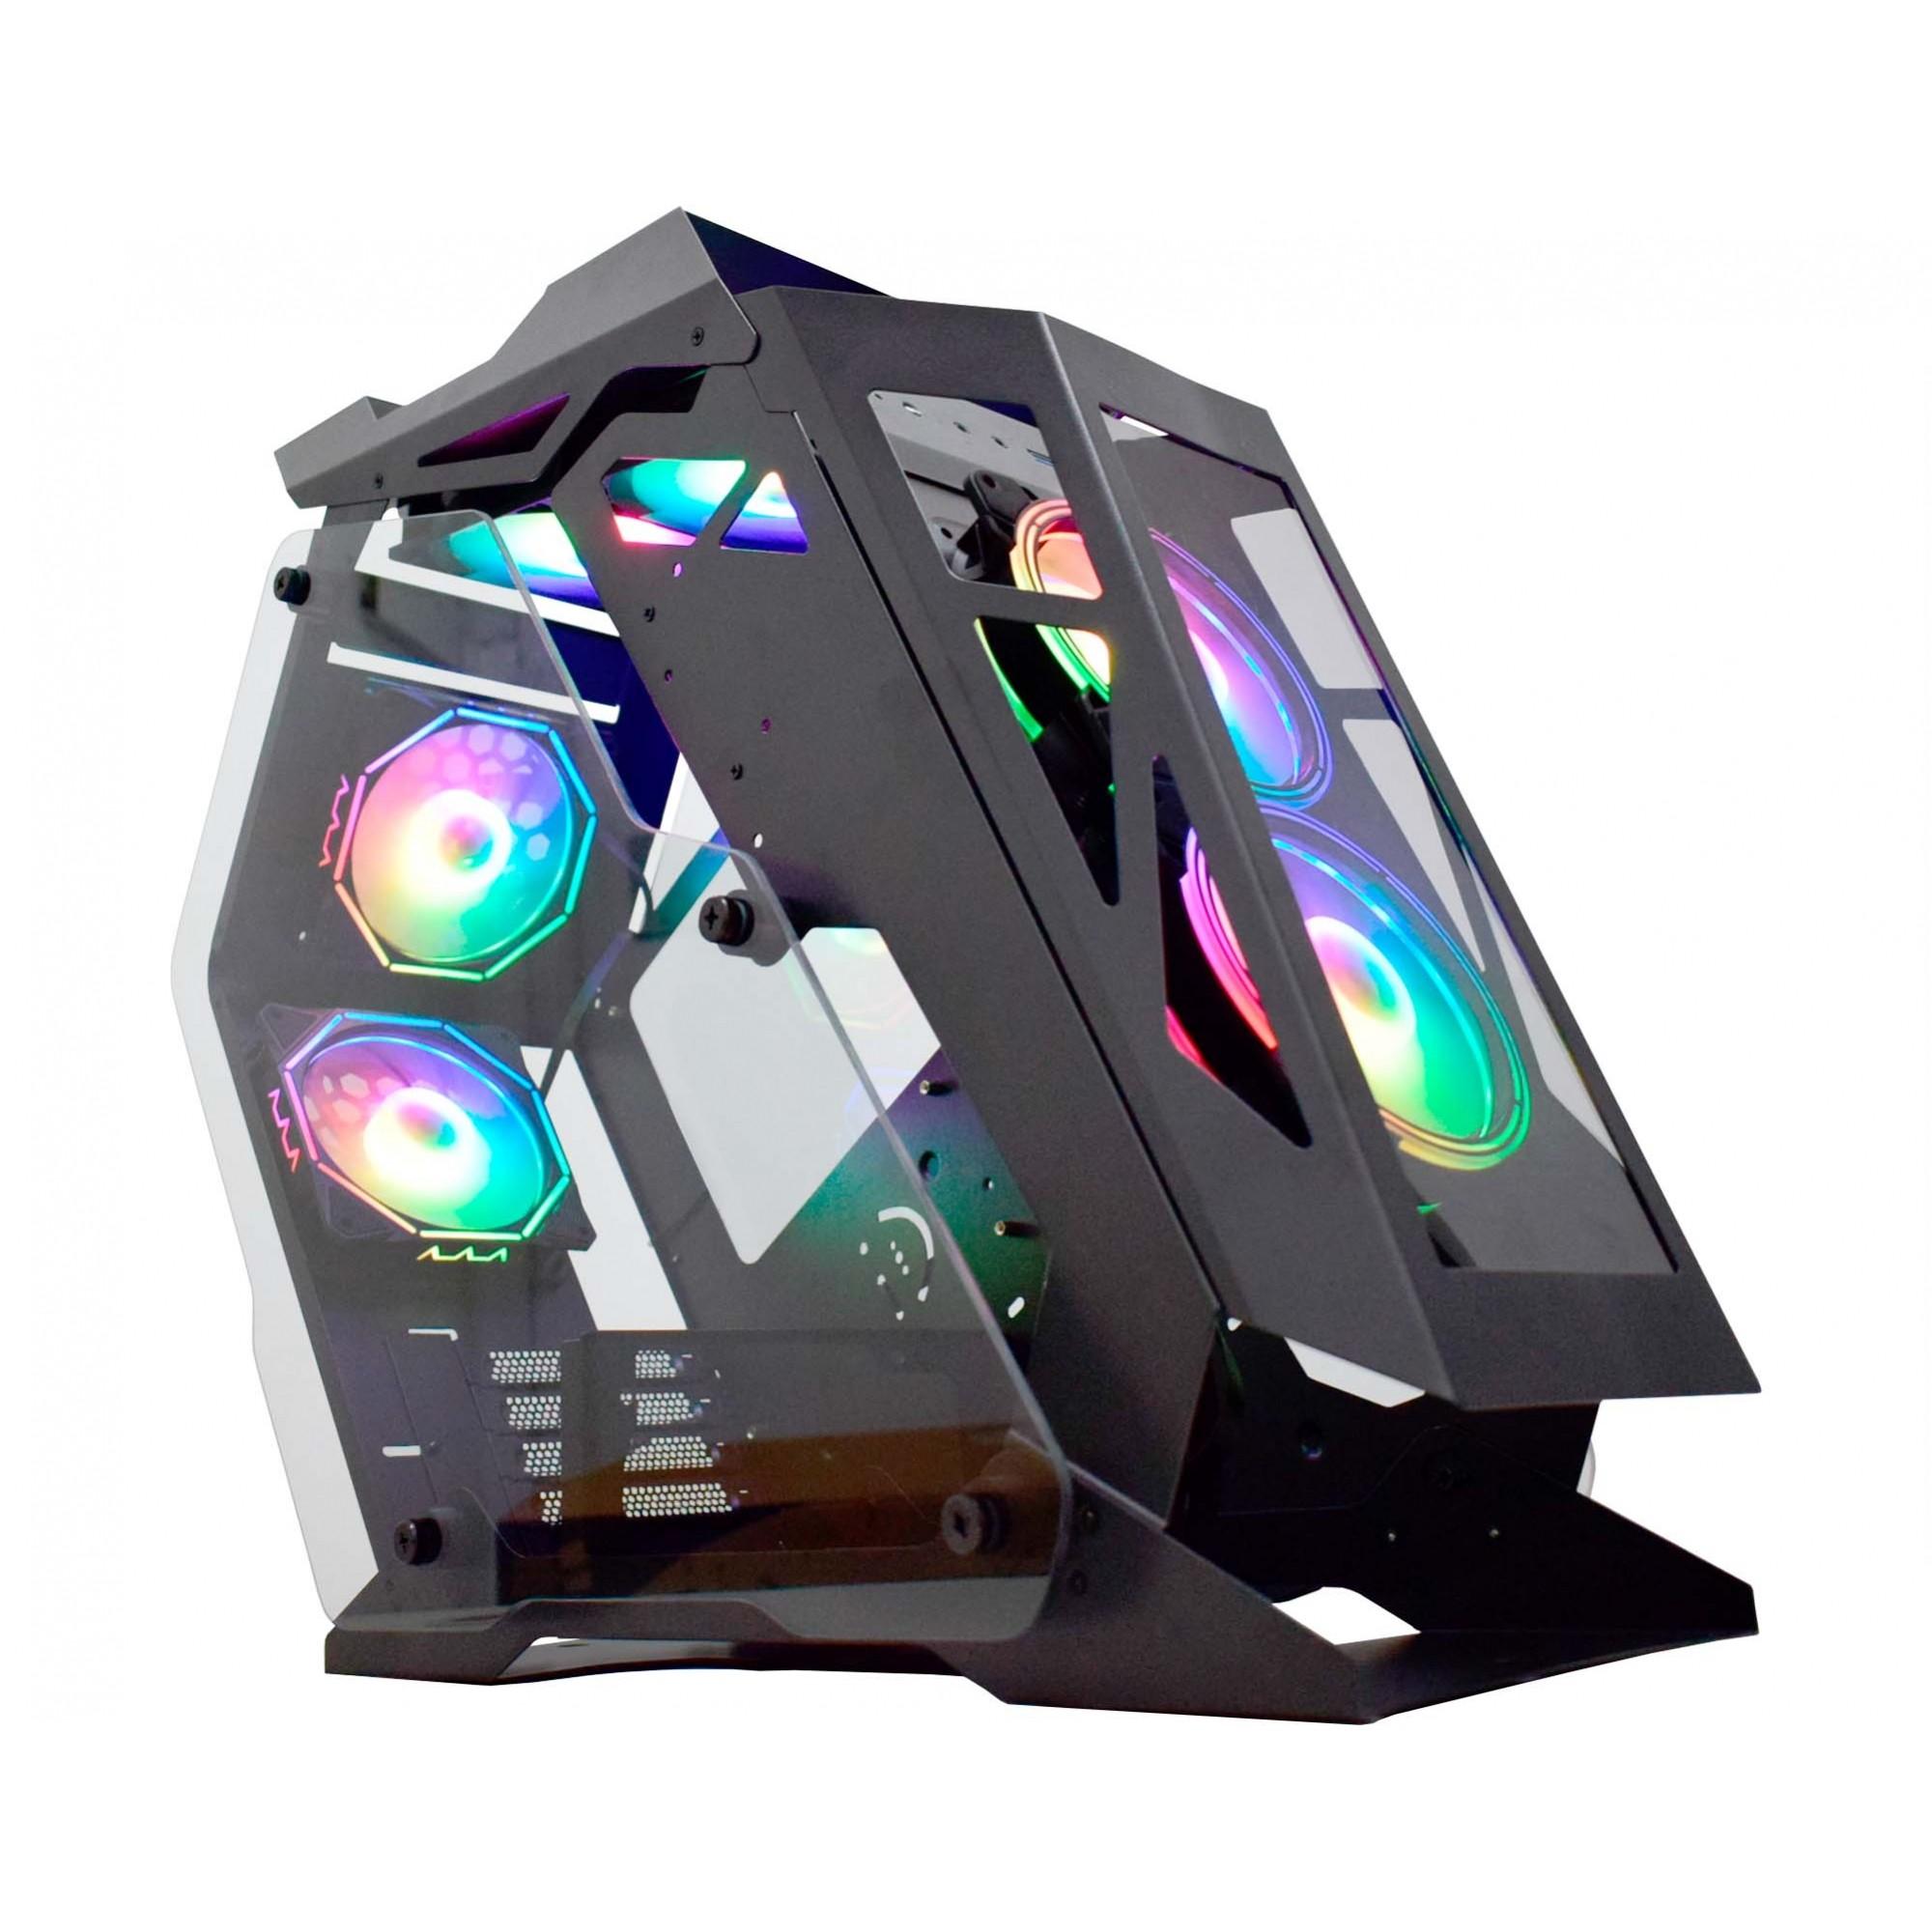 Computador Gamer, RYZEN 5 3600X 3.8GHZ, Placas de Vídeo RTX-2060 6GB DDR6, 16GB DDR4, HD 1TB + SSD 120GB